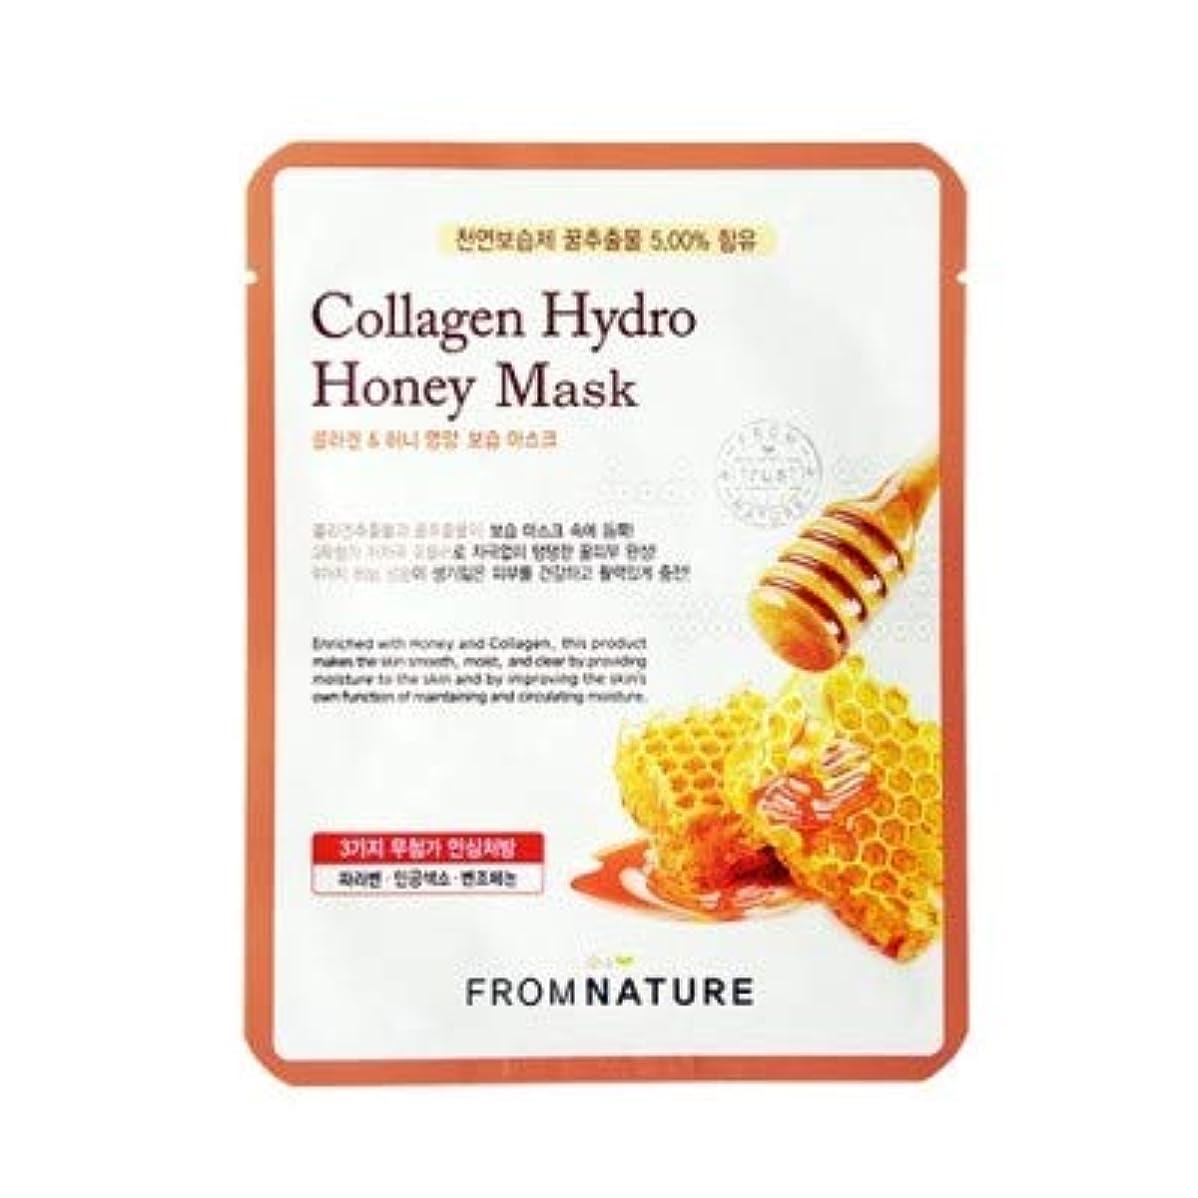 代数ノミネート懐疑論FROMNATURE フロムネイチャー コラーゲン ハイドロ ハニー マスク Collagen Hydro Honey Mask 【10枚セット】